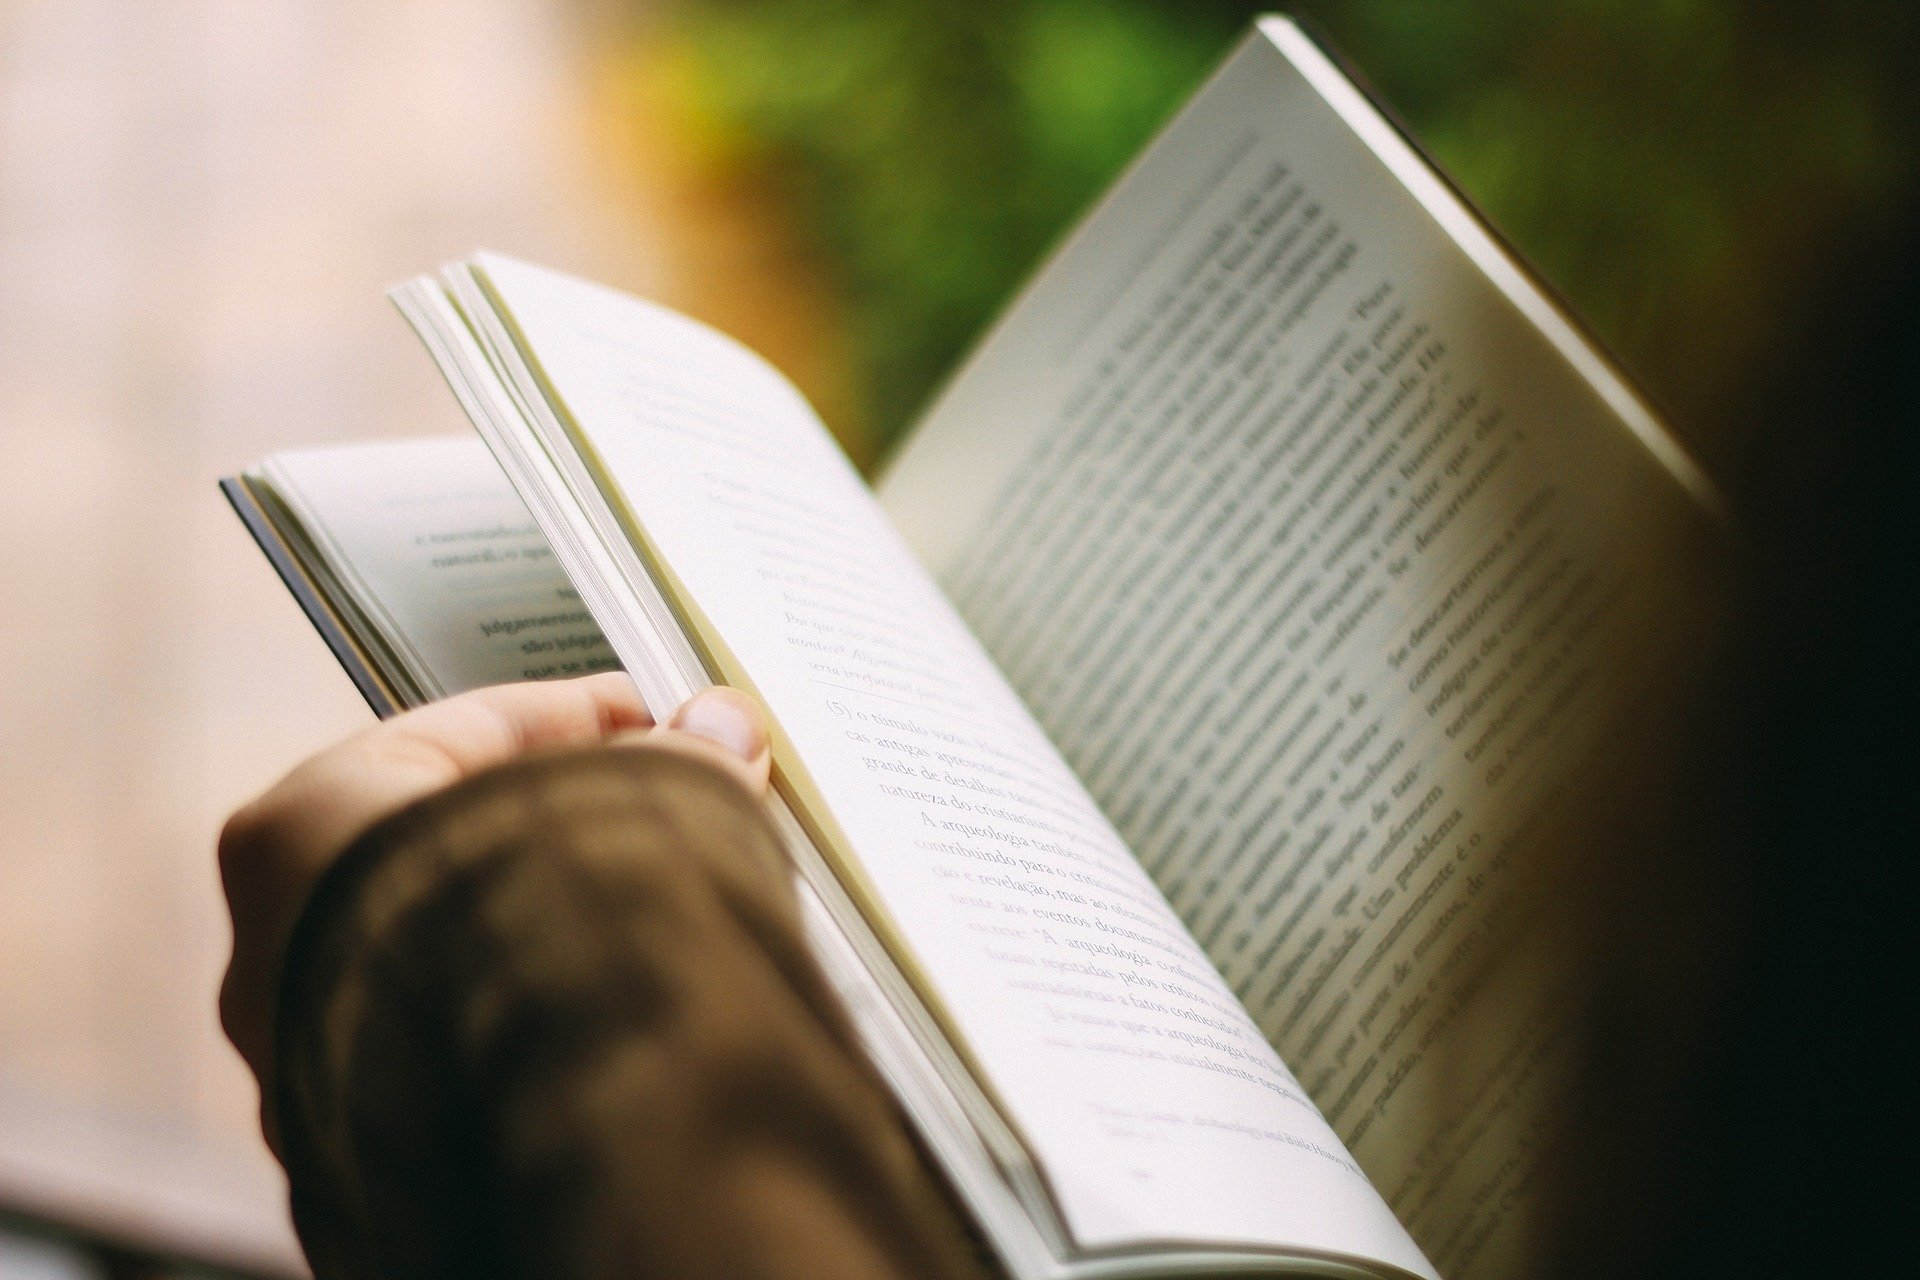 Giornata Mondiale del Libro: una maratona letteraria in streaming sul sito del Miur